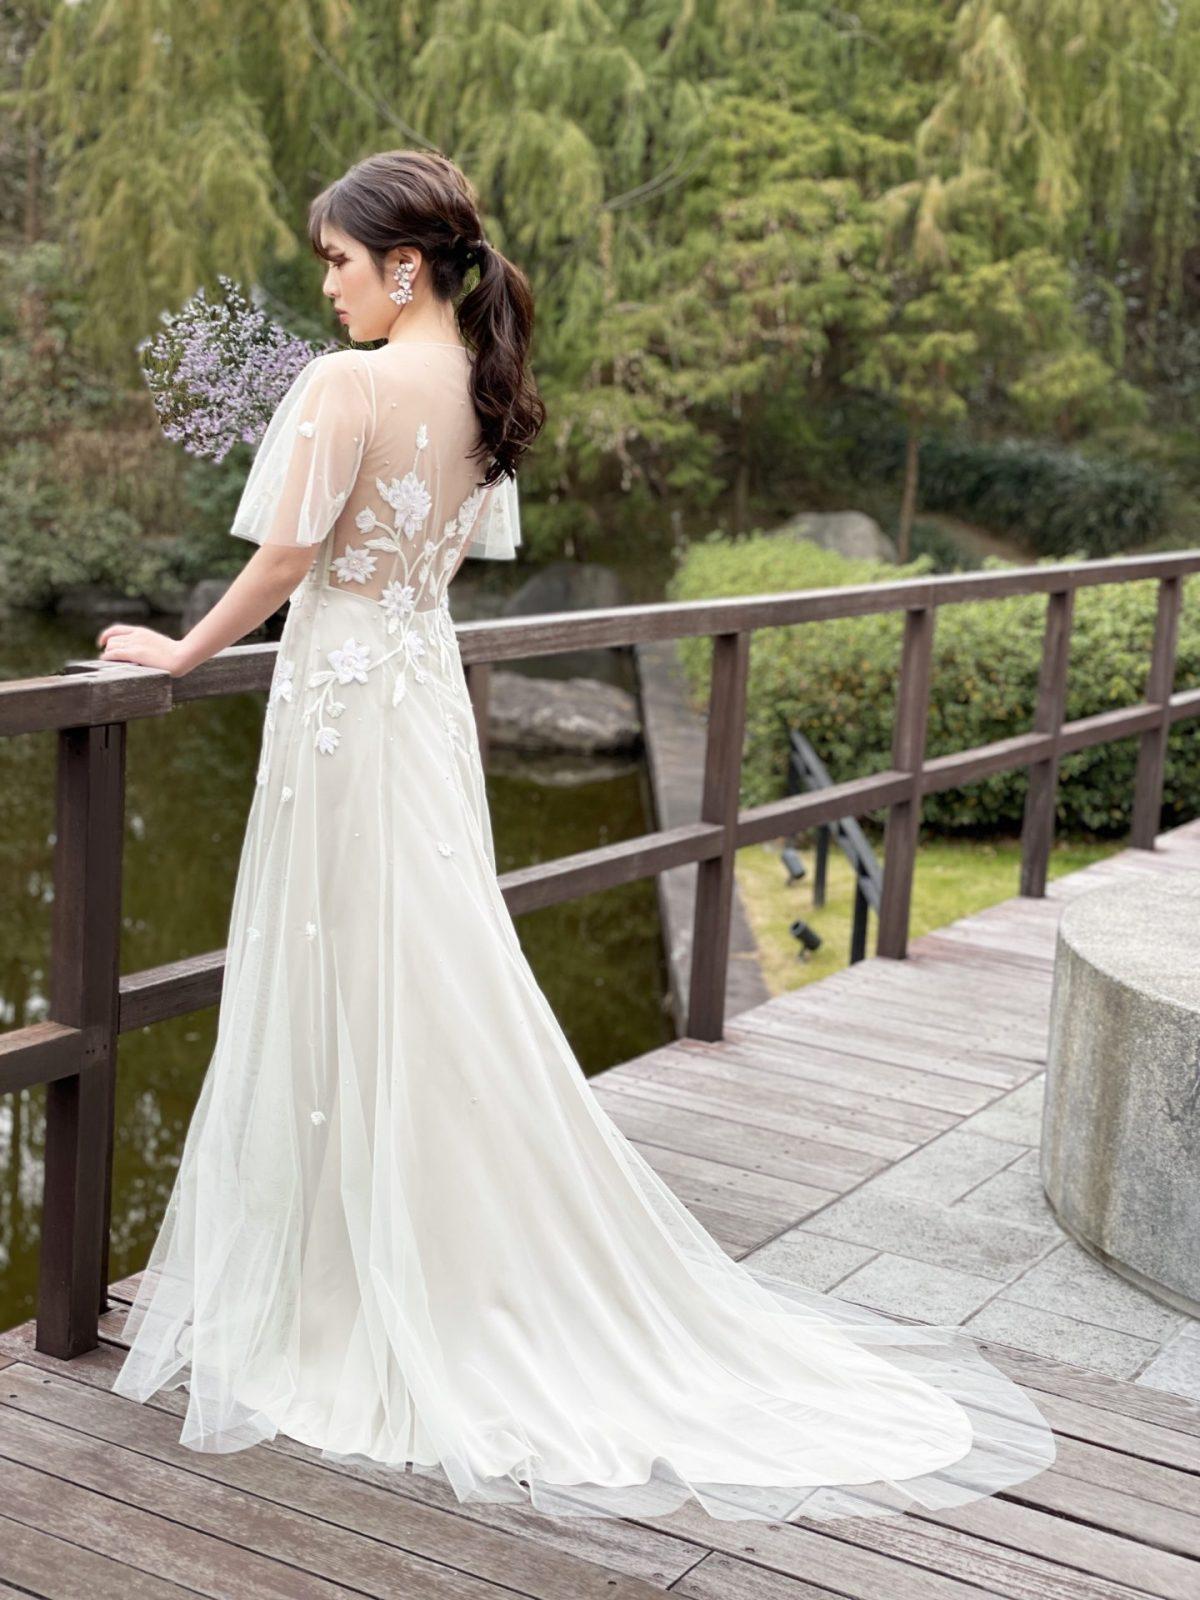 関西のナチュラルな結婚式会場におすすめしたいフラワーモチーフが美しいくすみグリーンのカラードレス